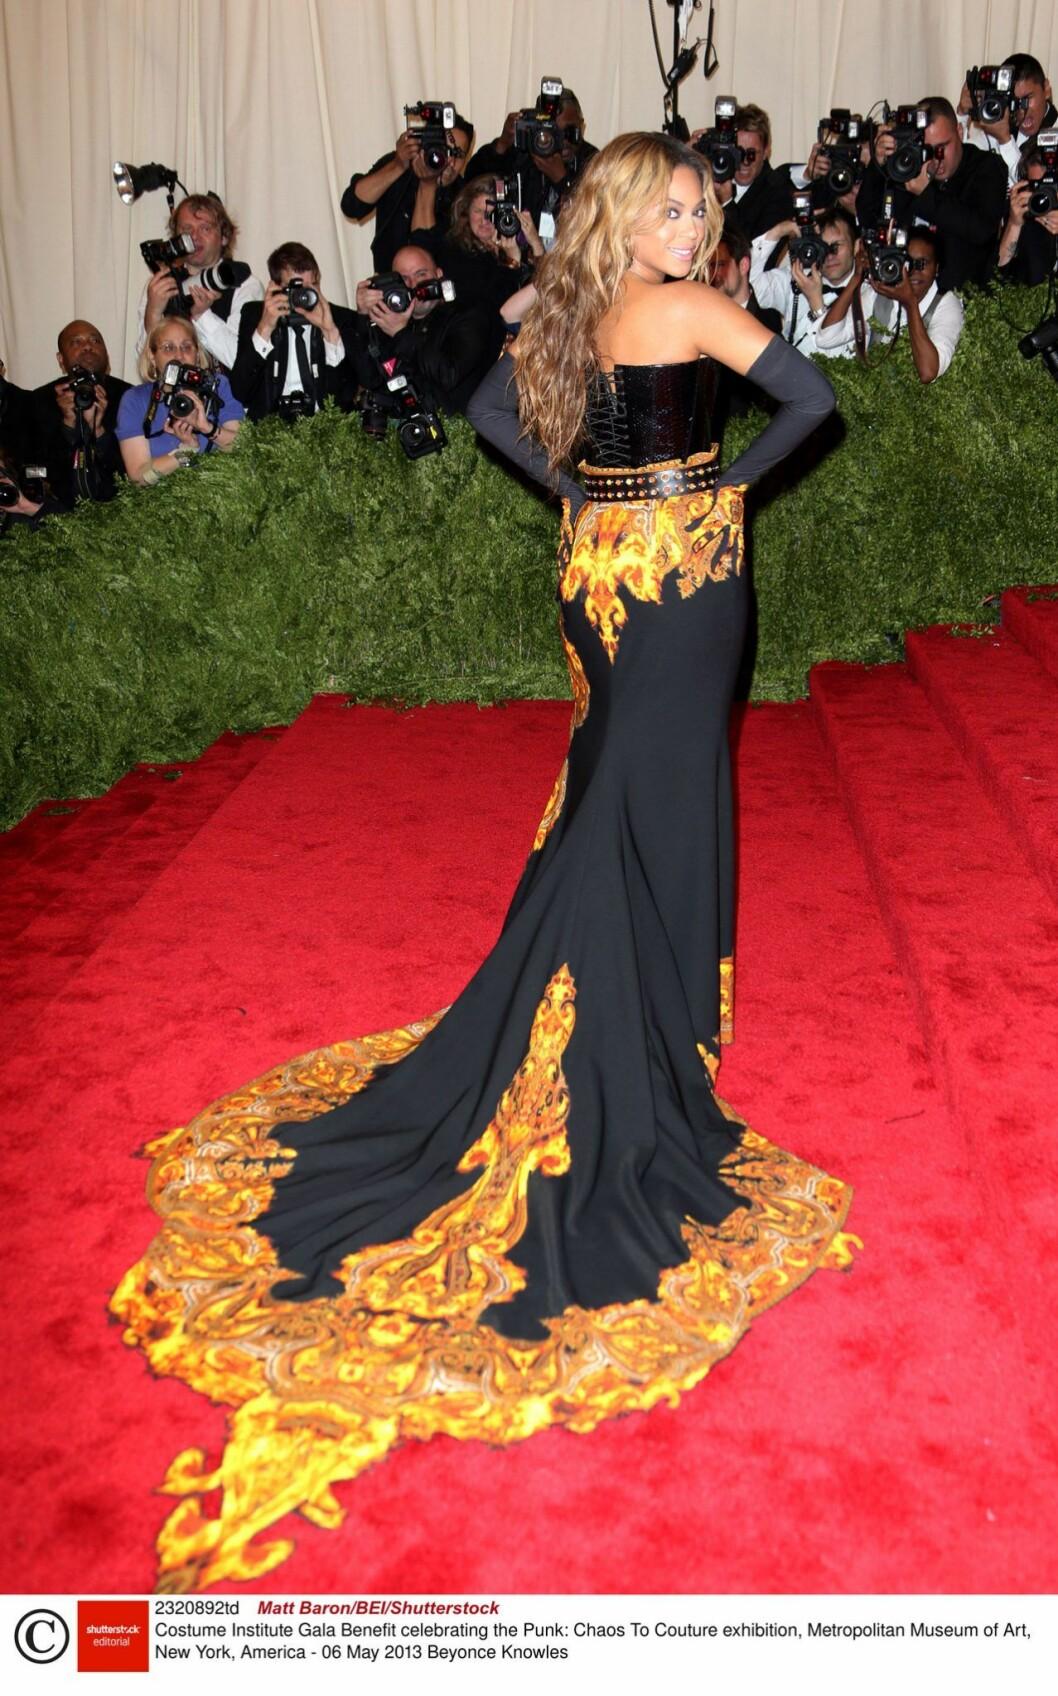 Beyonce i svart klänning med långt släp